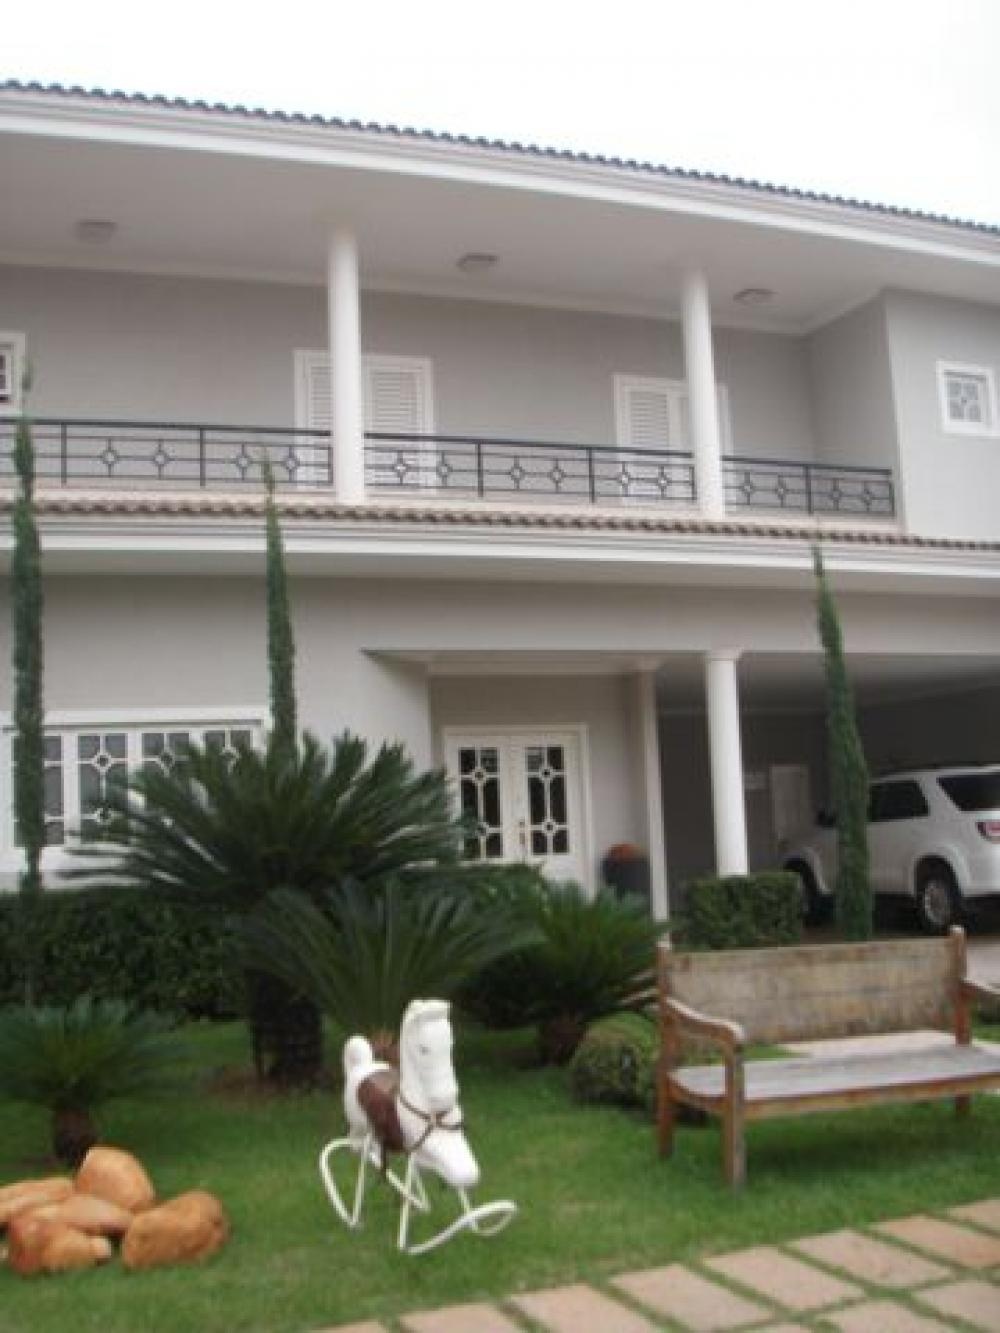 Sao Jose do Rio Preto Casa Venda R$2.000.000,00 Condominio R$630,00 4 Dormitorios 1 Suite Area do terreno 670.00m2 Area construida 500.00m2